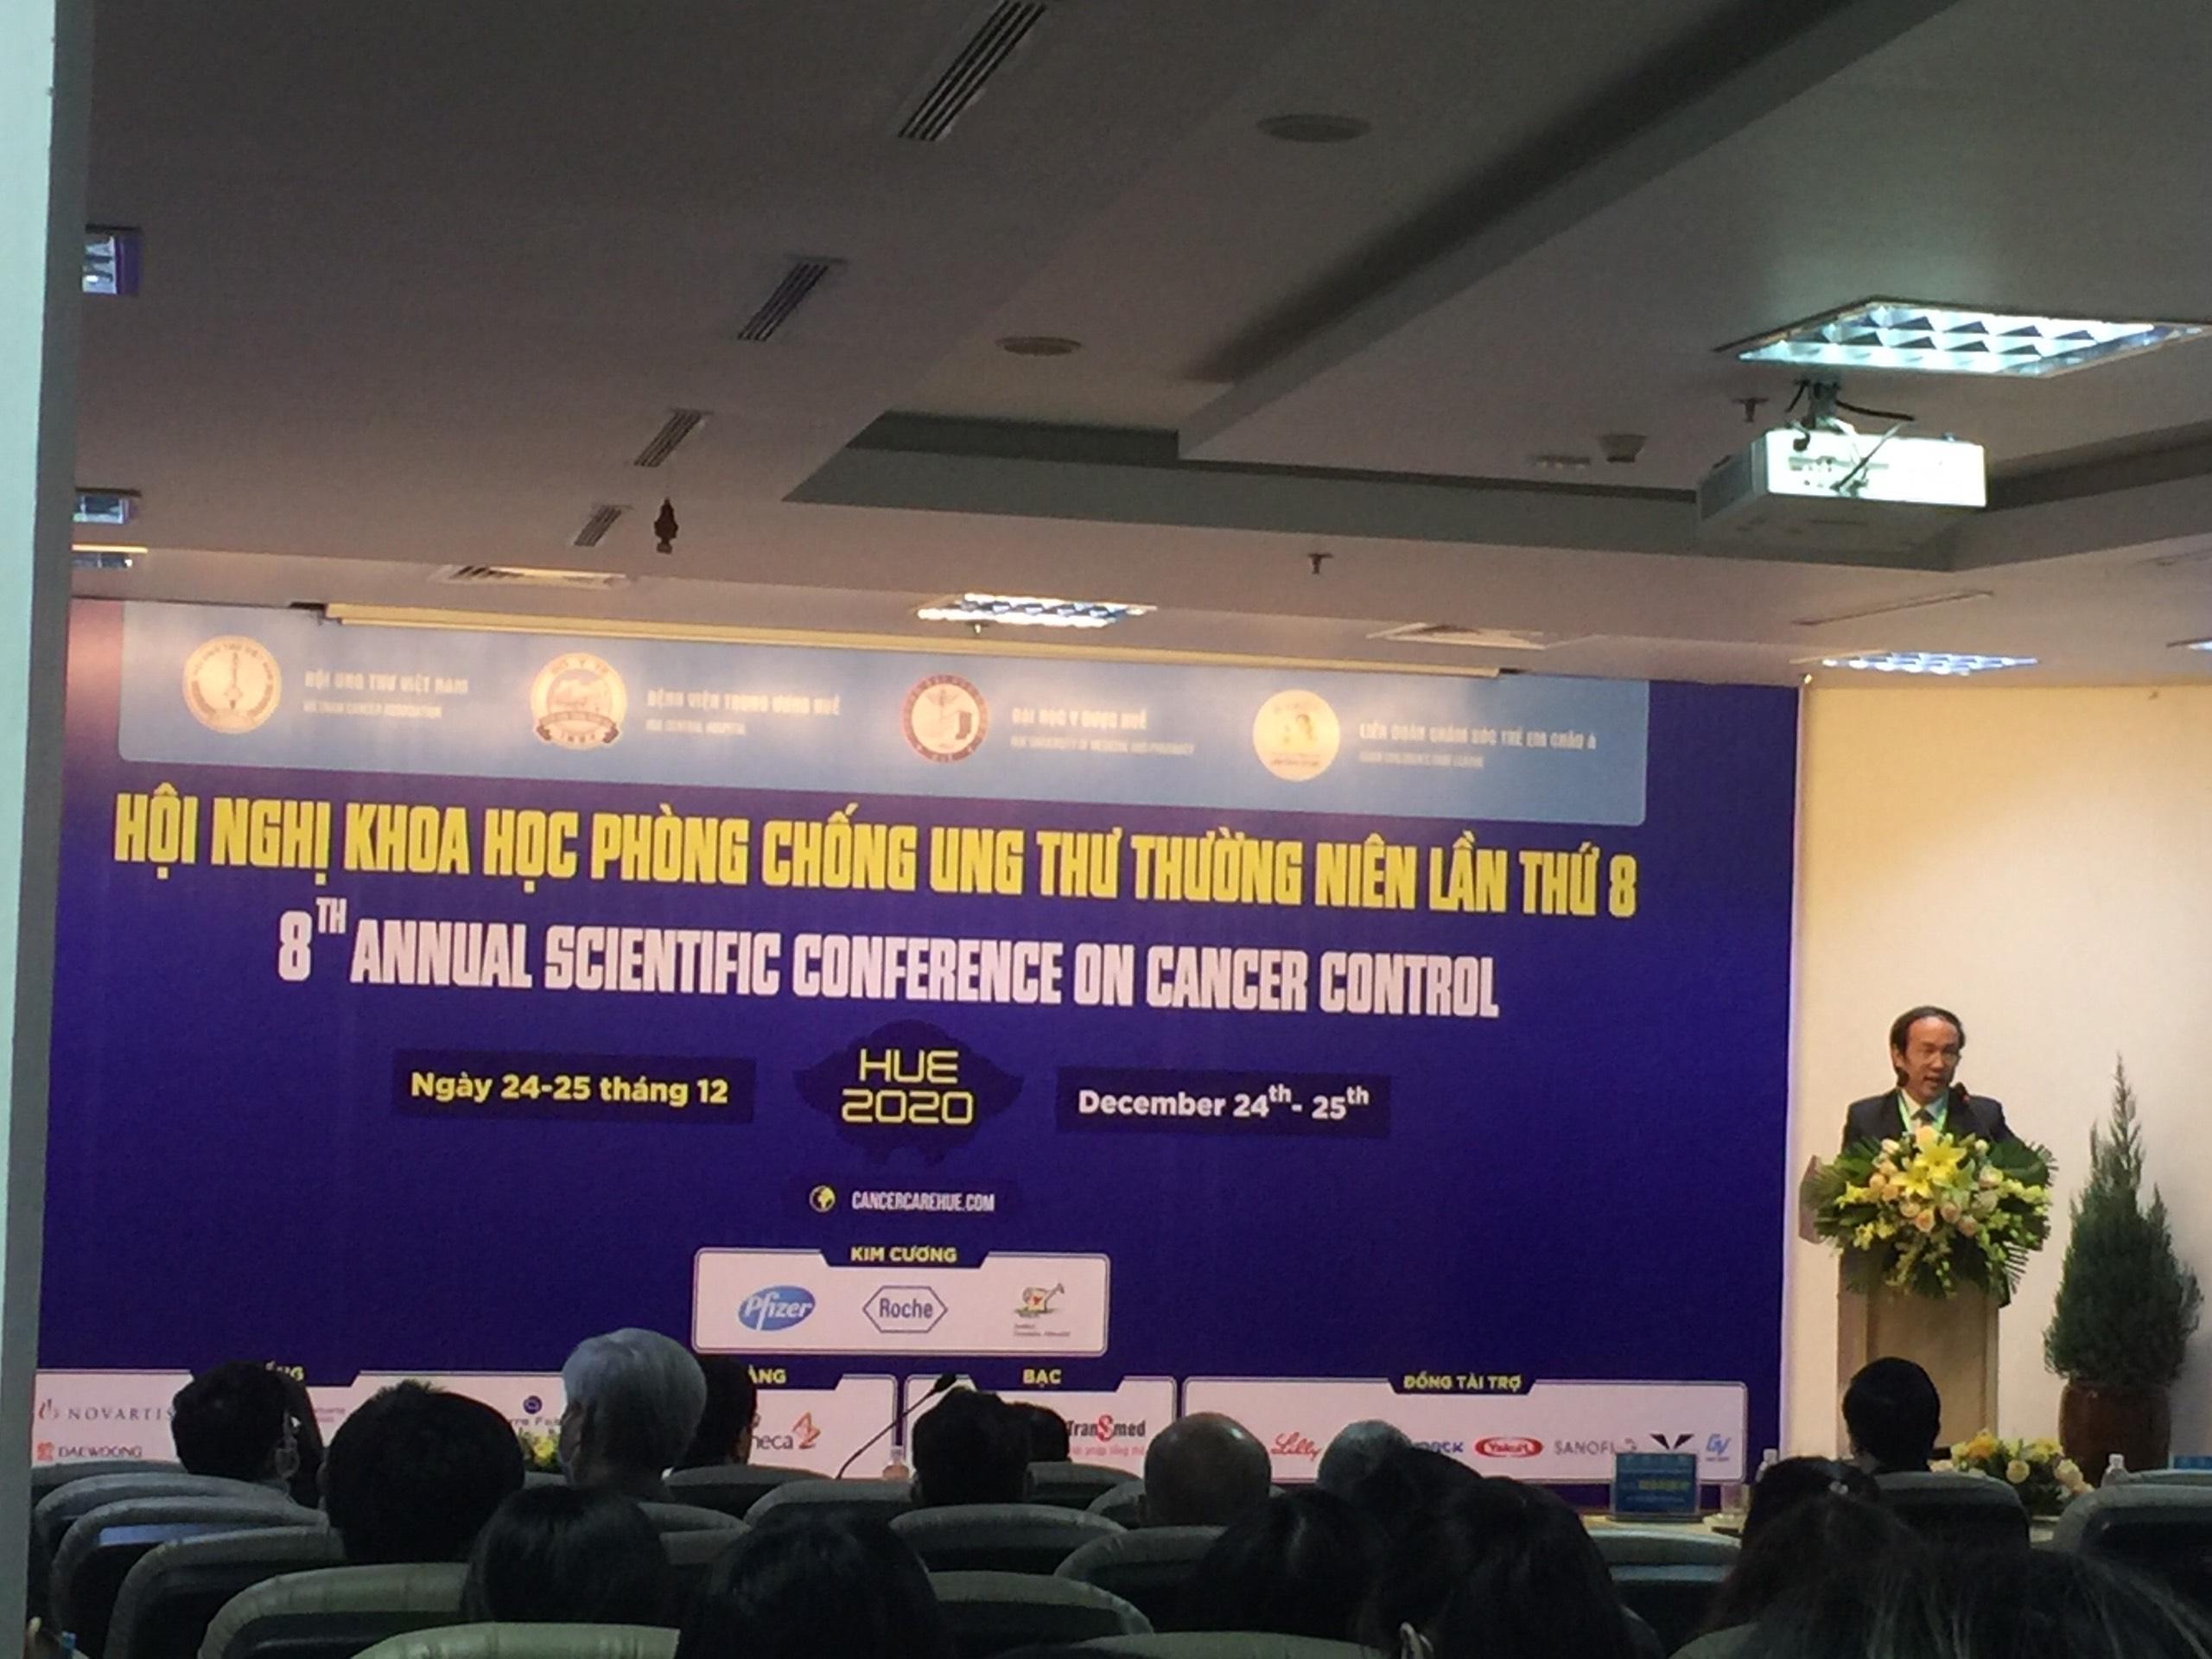 Lãnh đạo Bệnh viện Trung Ương Huế phát biểu khai mạc hội nghị.